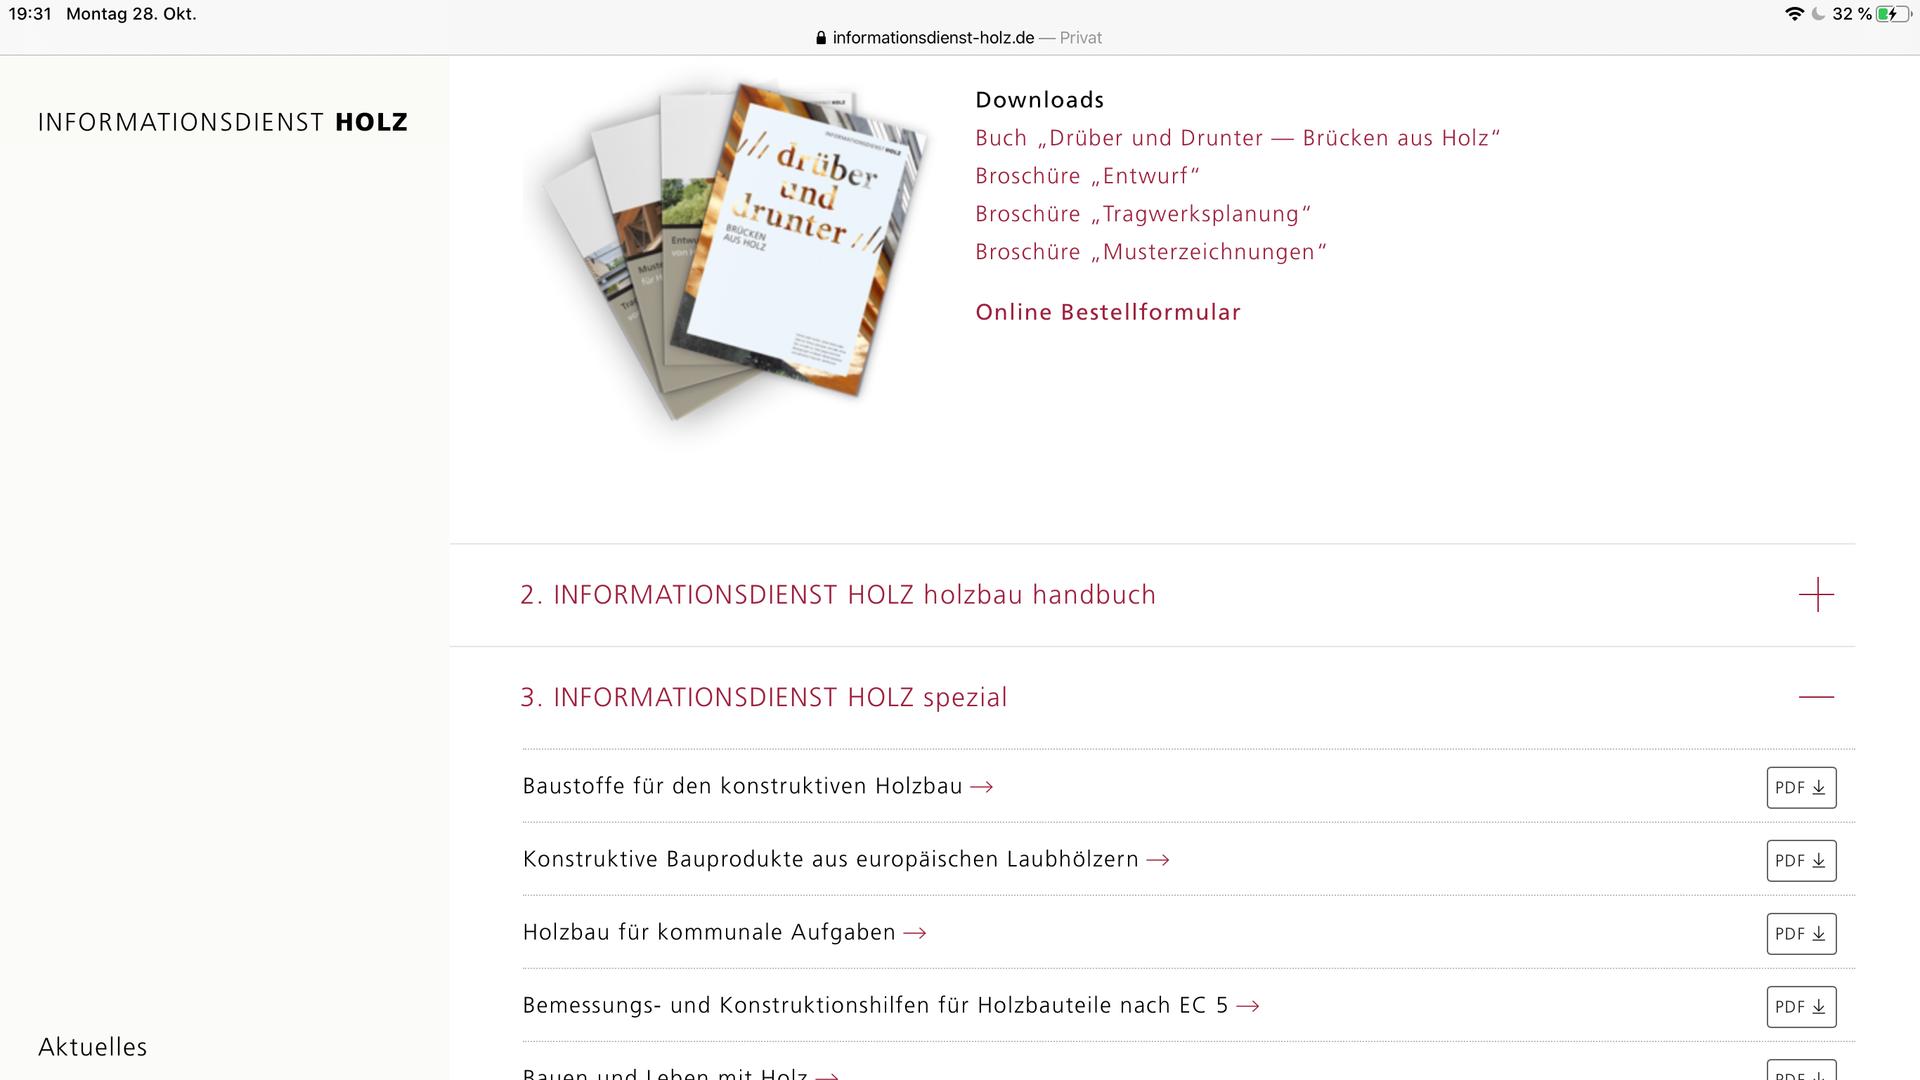 INFORMATIONSDIENST HOLZ